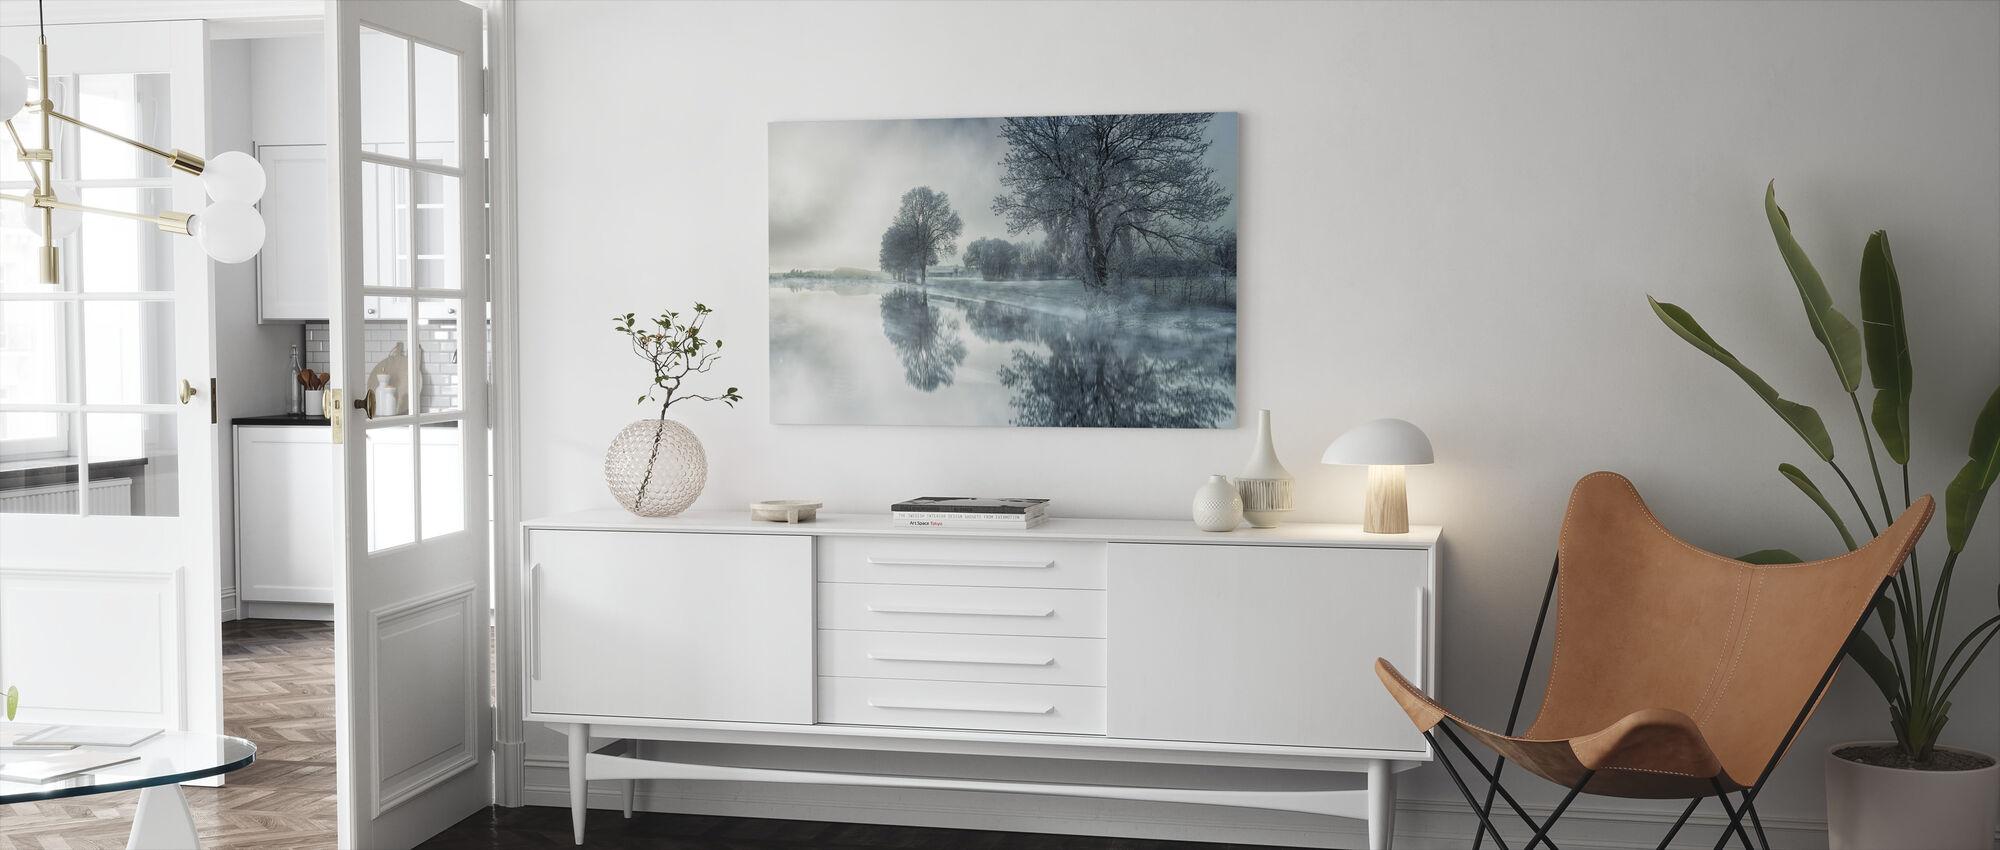 Speil innsjø - Lerretsbilde - Stue